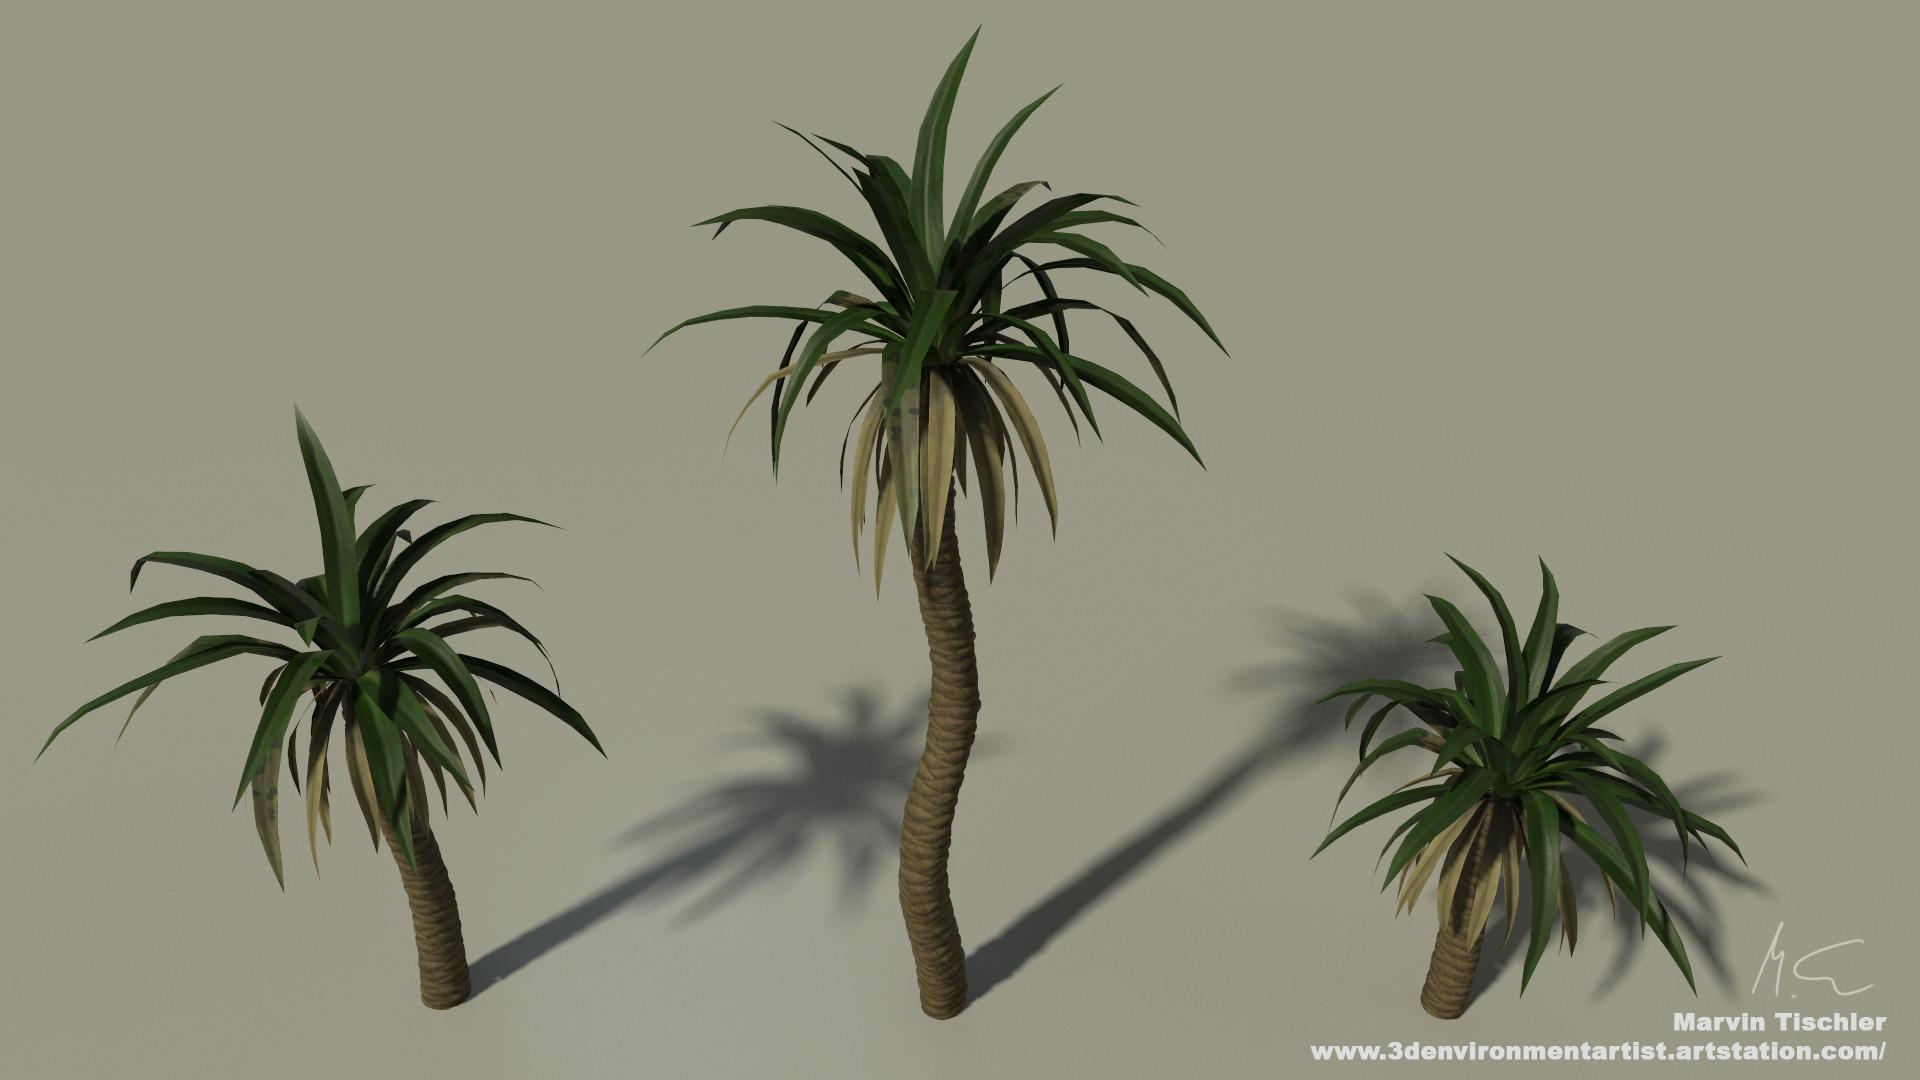 Marvin tischler plants 001 b